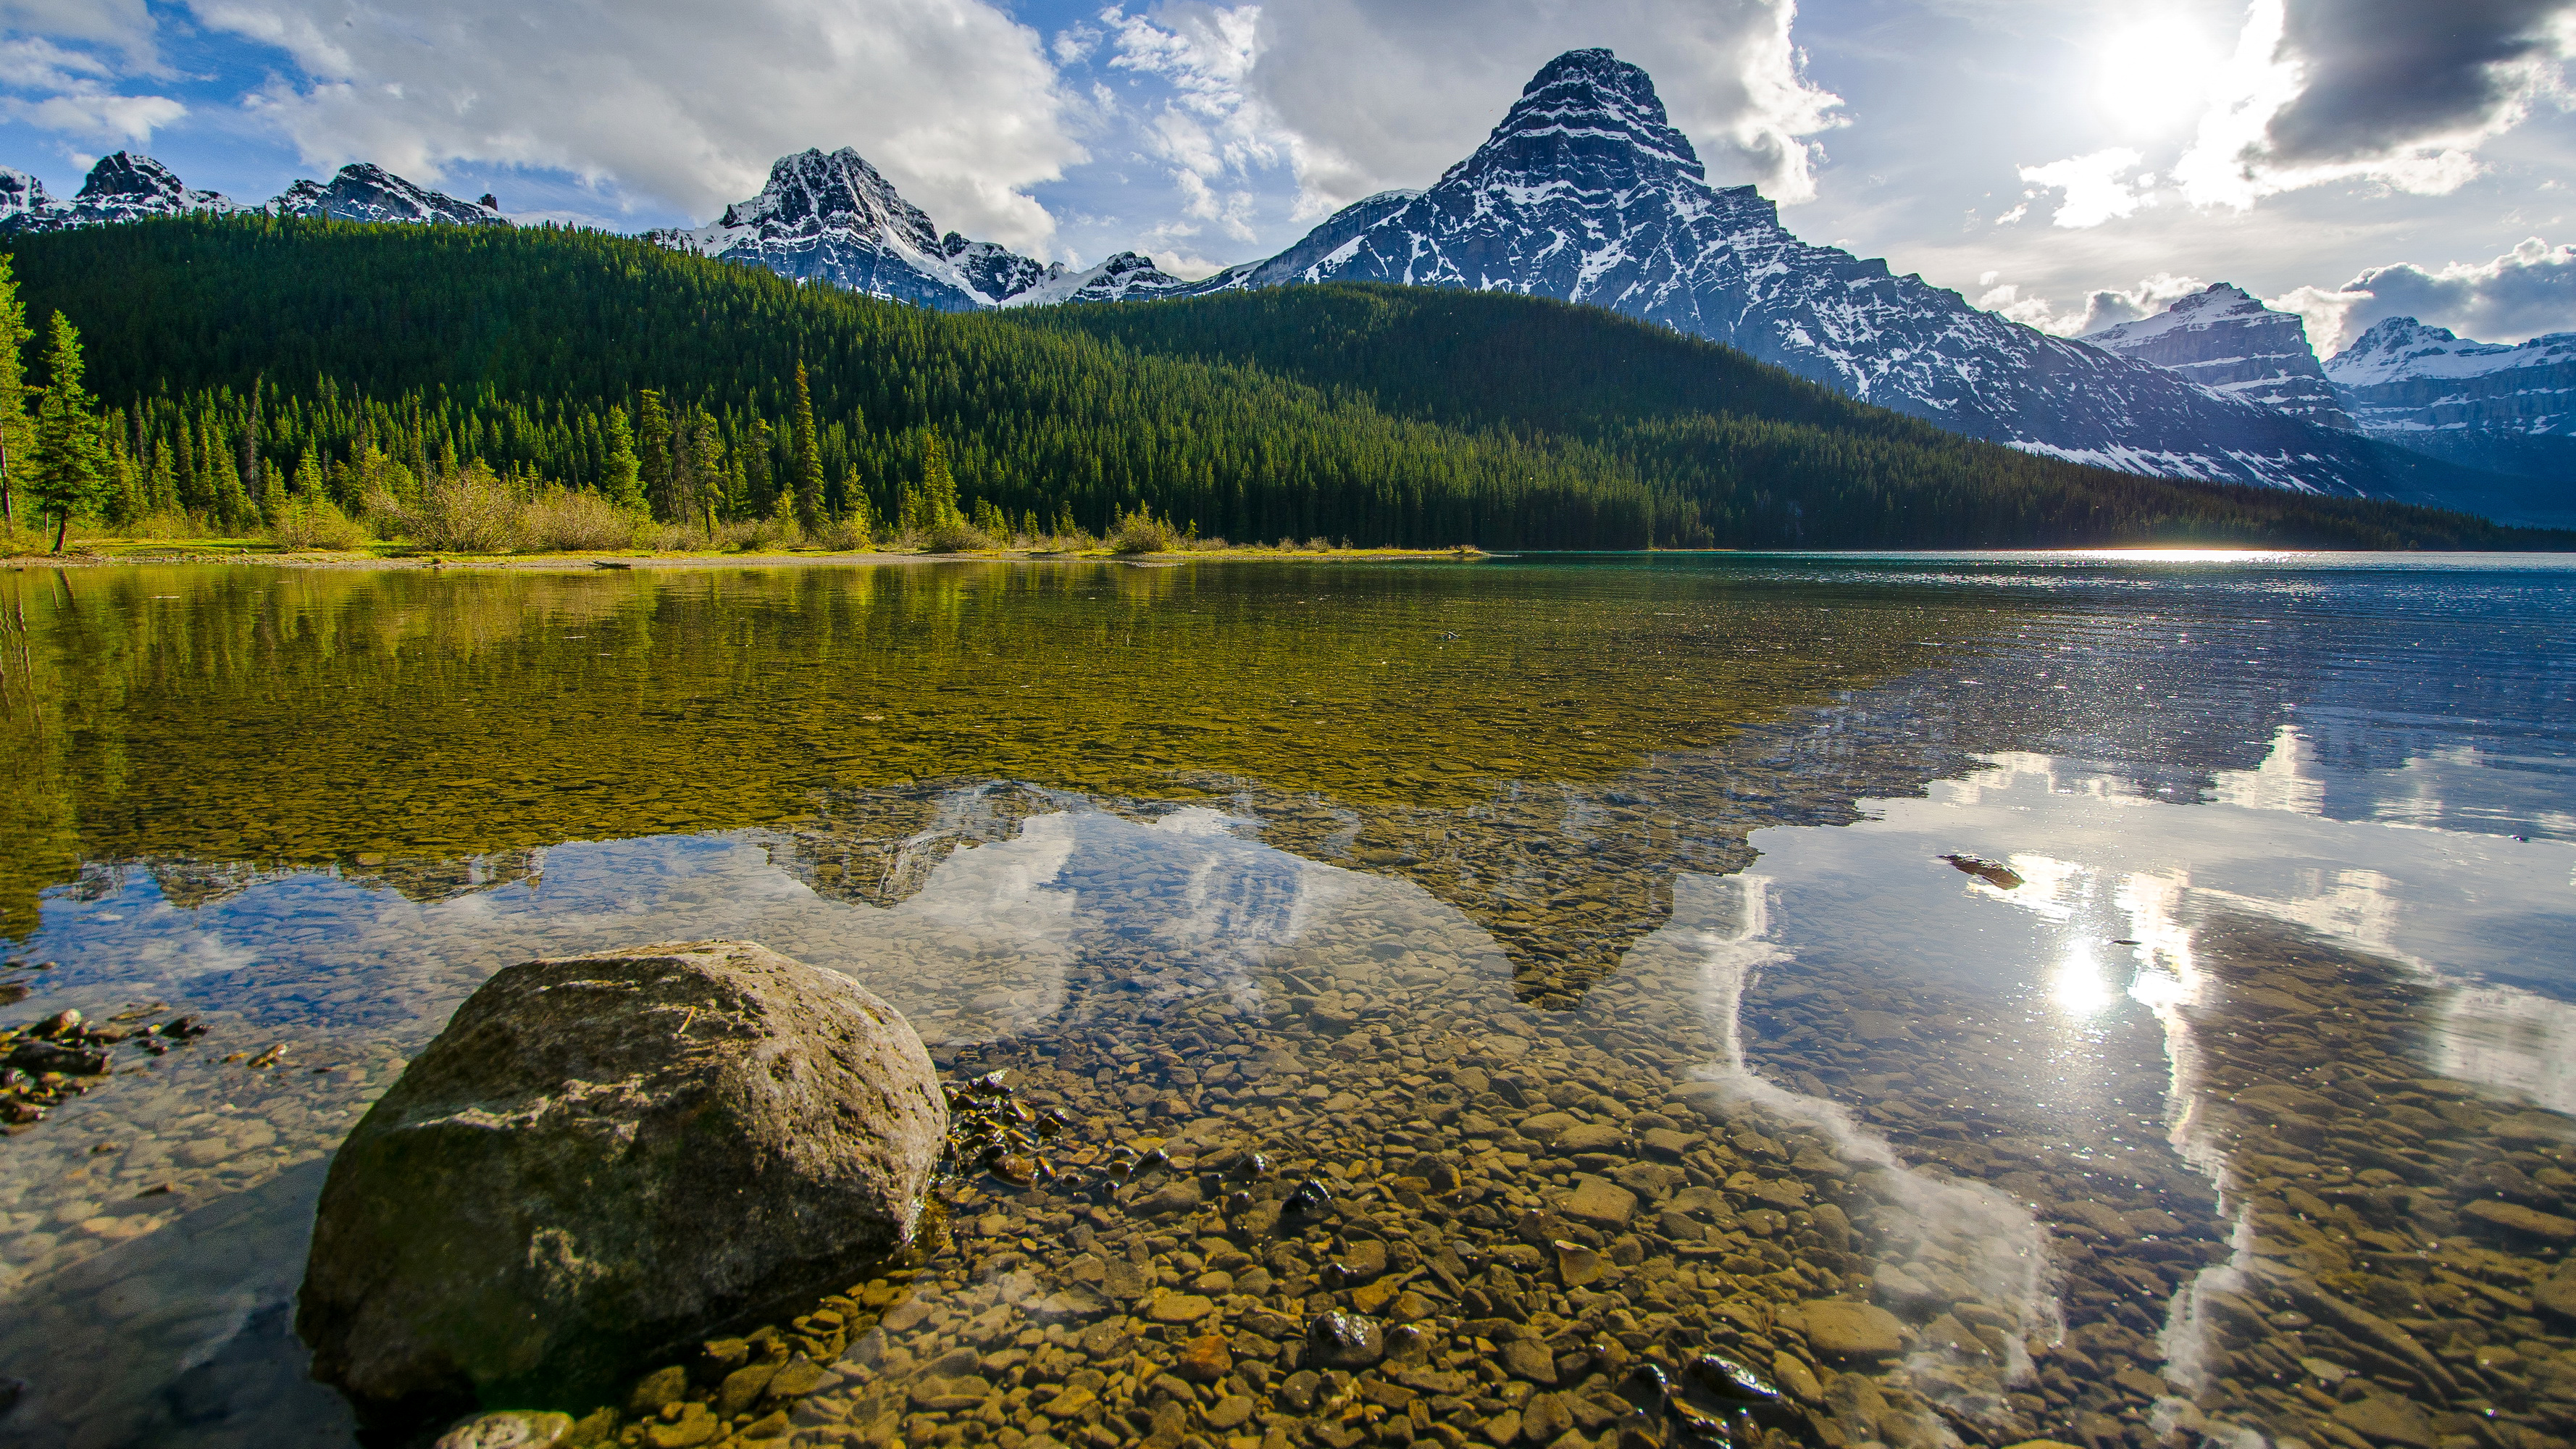 Облака над озером, галька, горы, лес  № 2950519 бесплатно